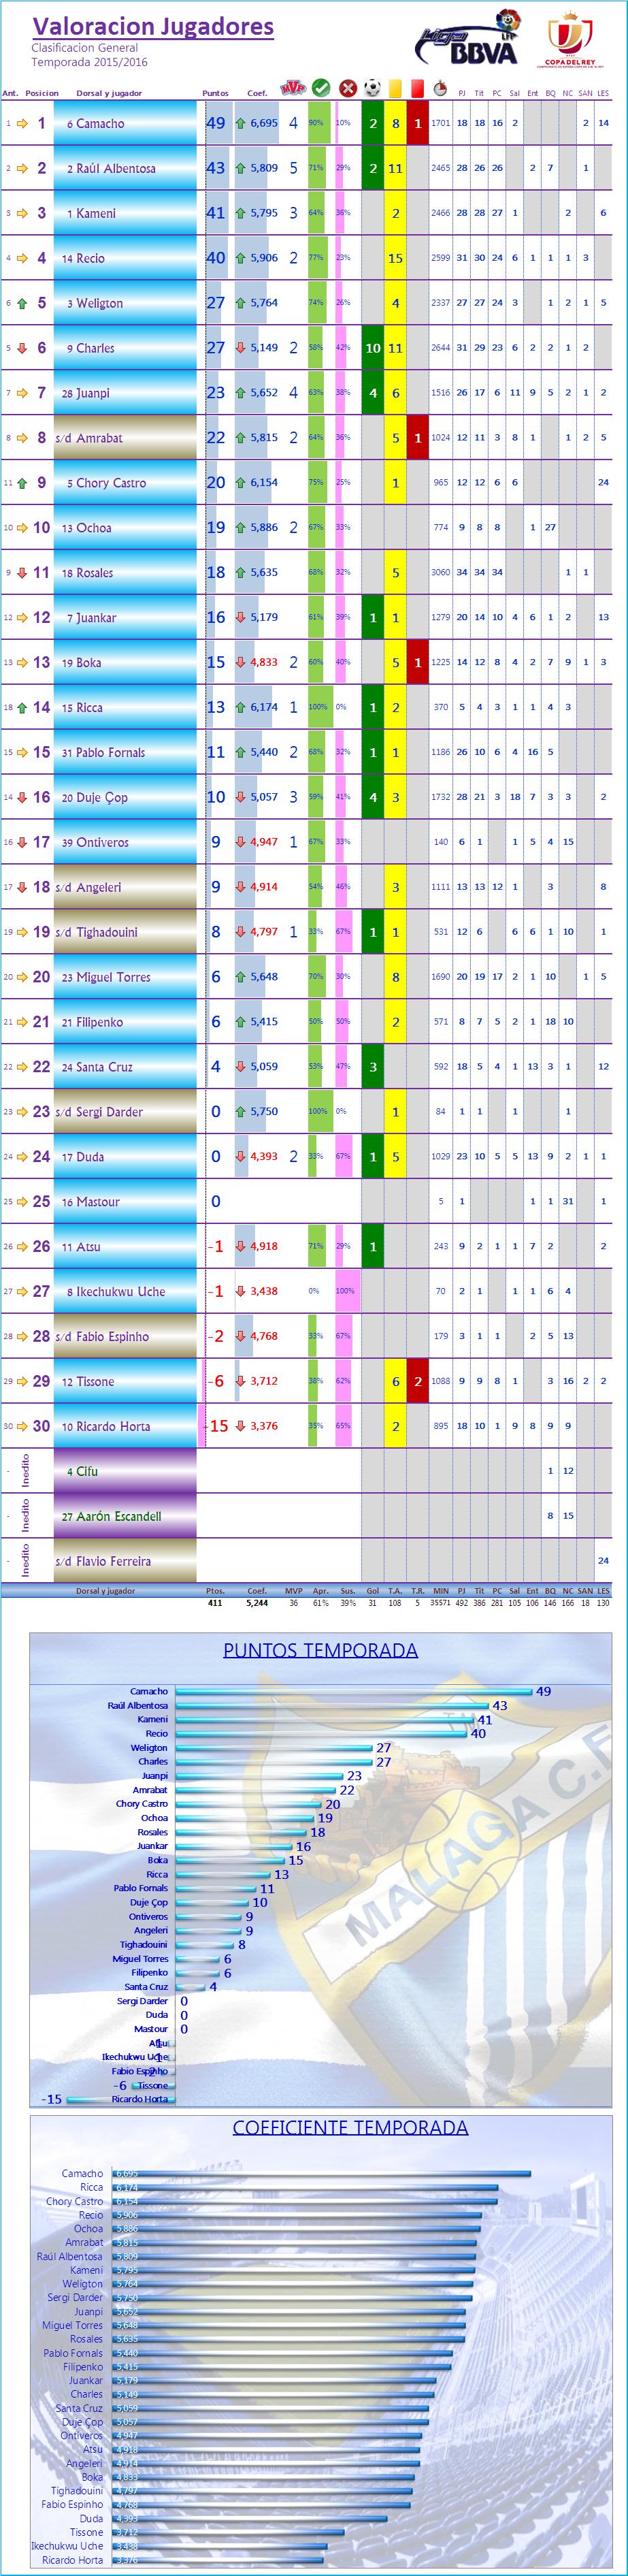 LOS MEJORES DEL MALAGA CF. Temp.2015/16: J35ª: ATLETICO 1-0 MALAGA CF Los_Mdel_MCF_General